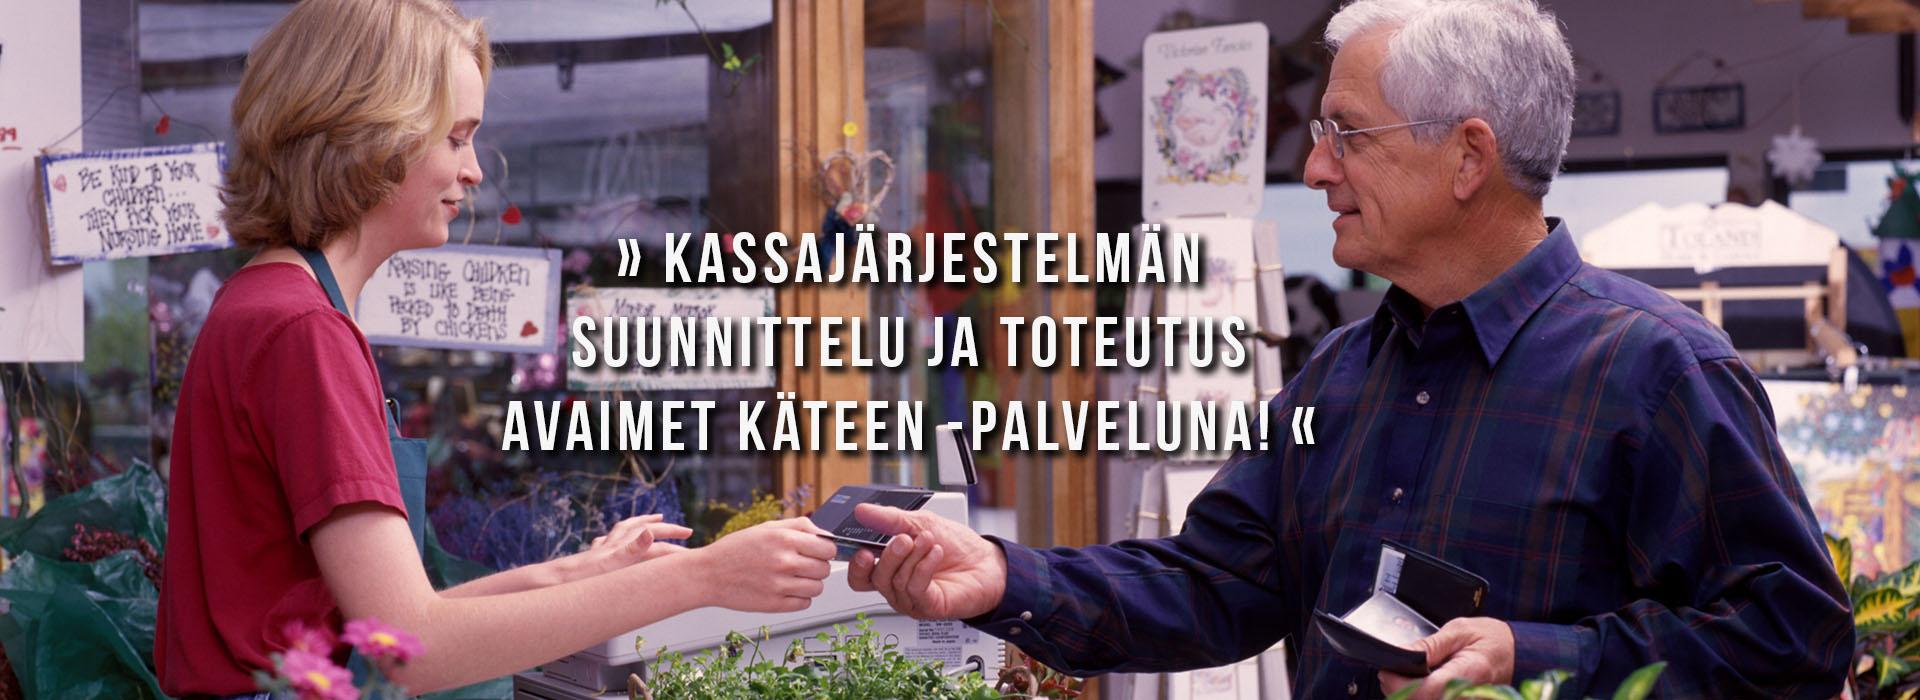 Kassajärjestelmän suunnittelu ja toteutus - Tampereen Kassajärjestelmät Oy